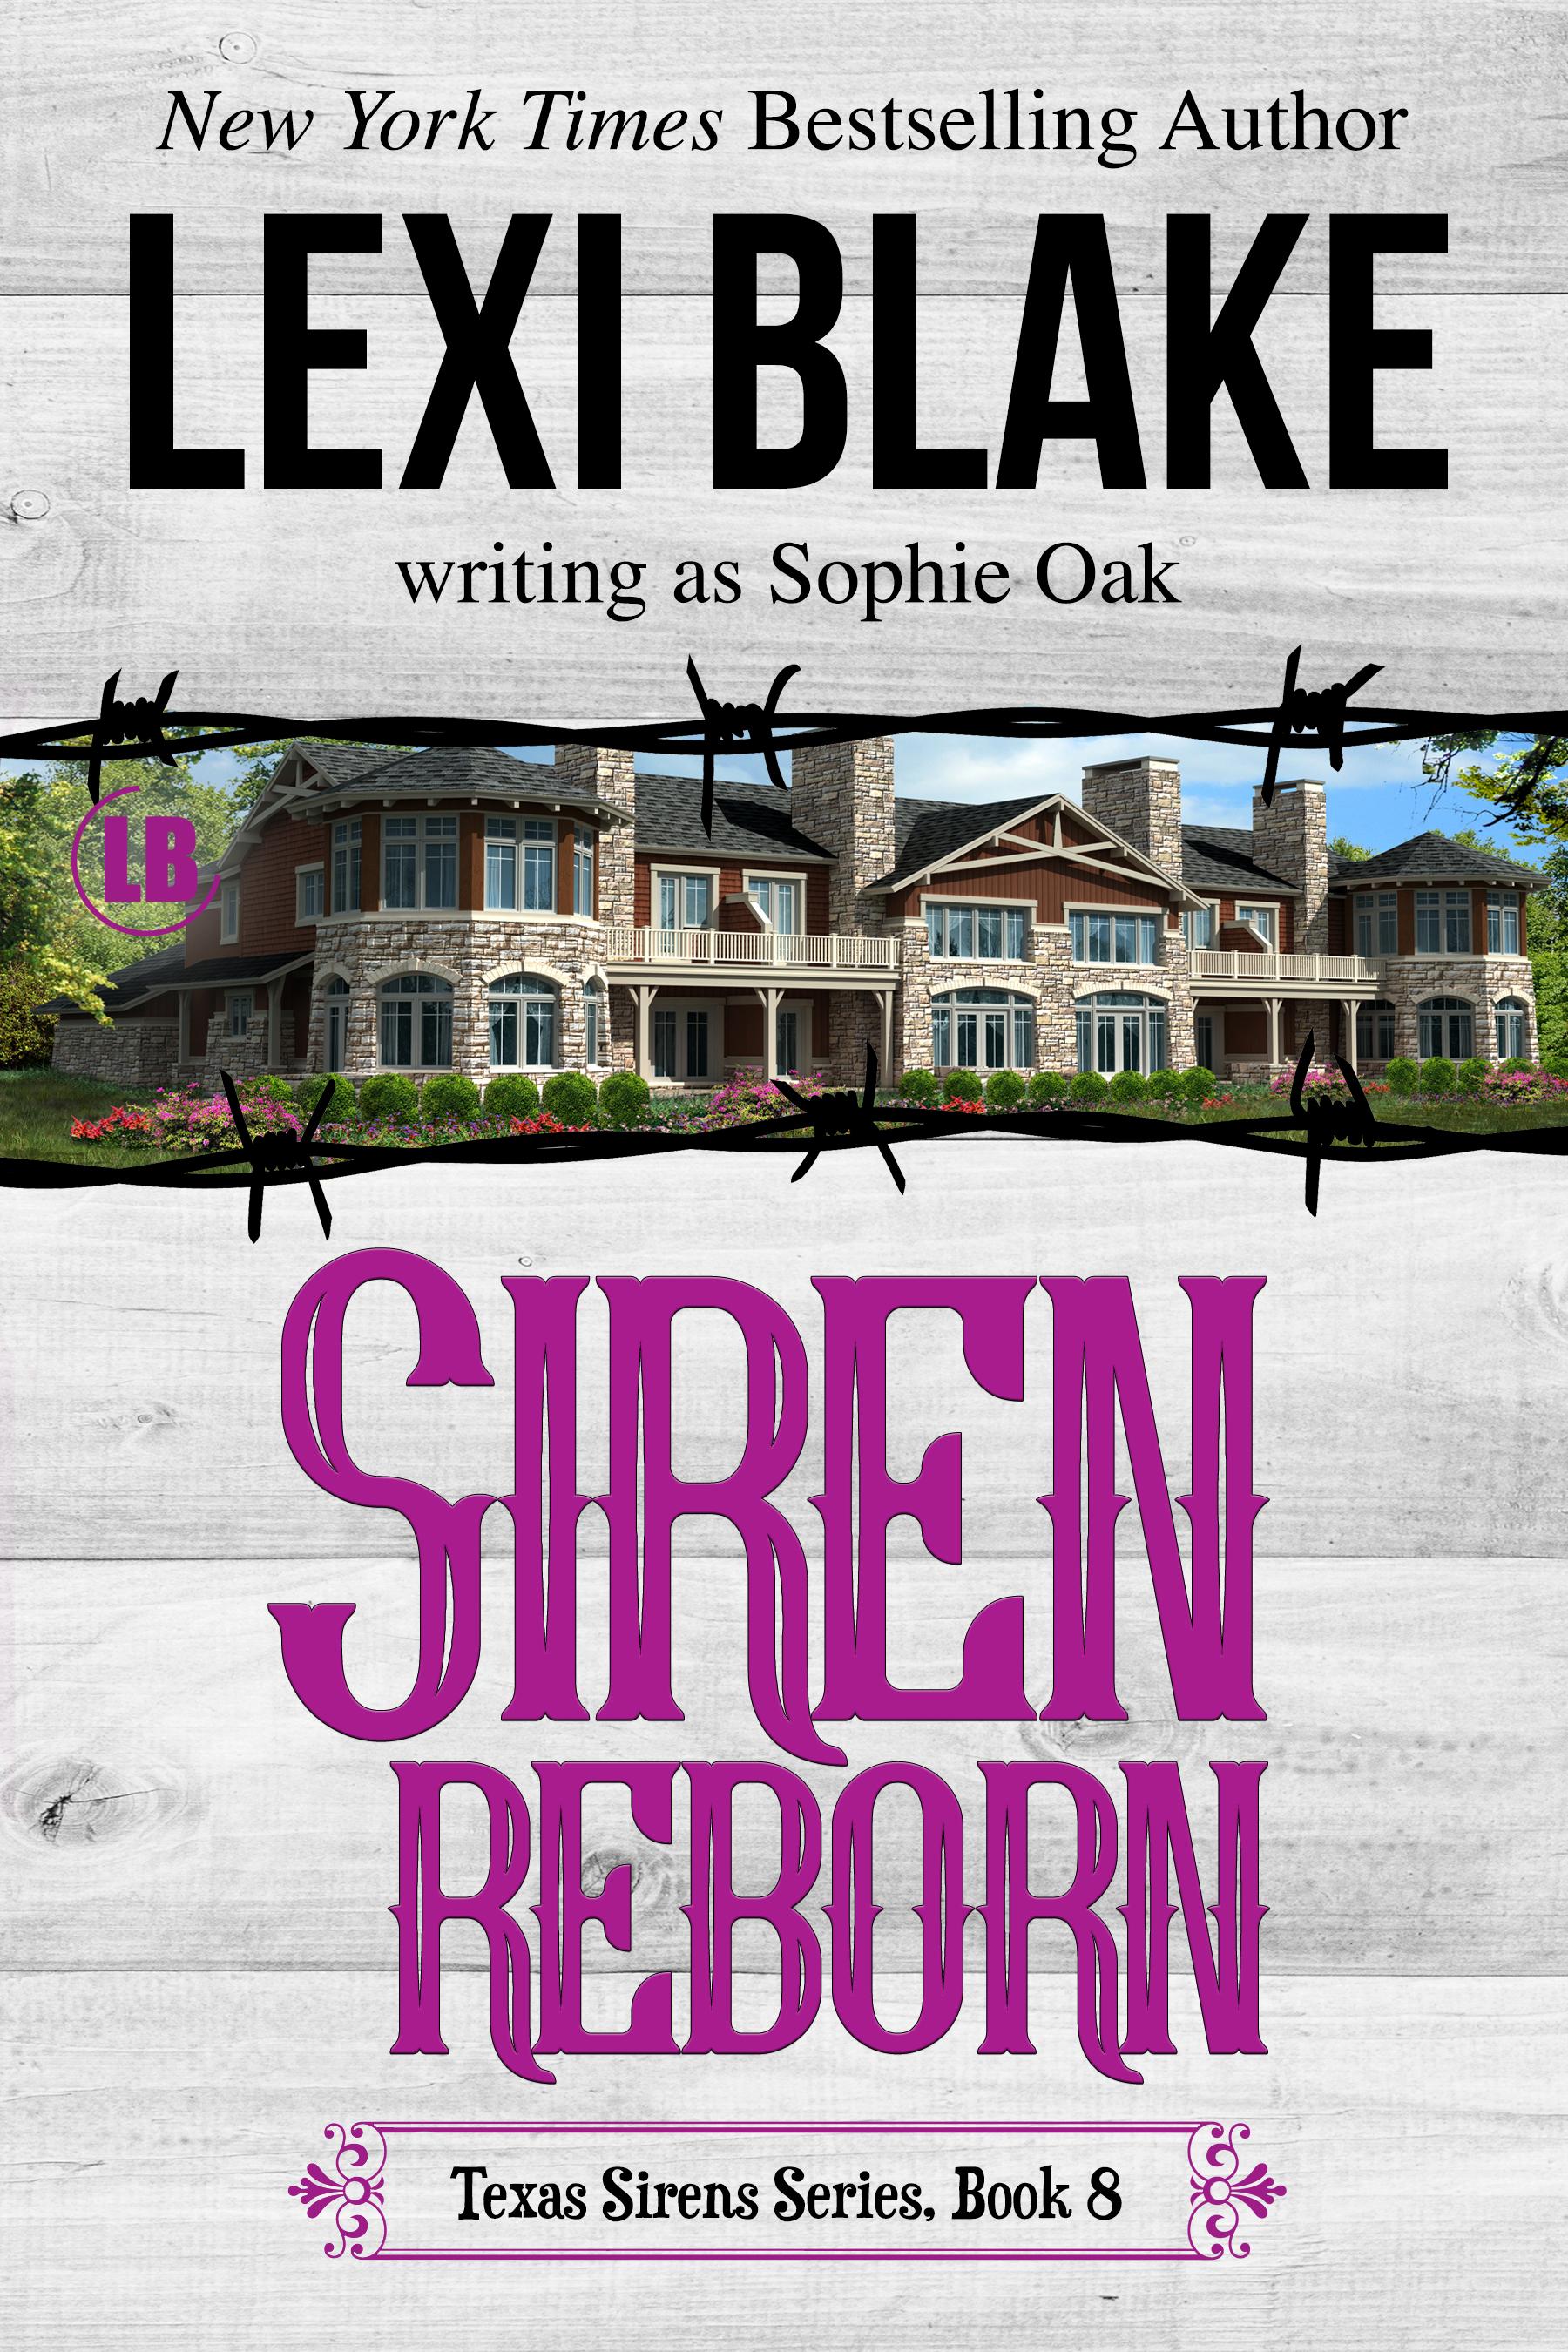 SirenReborn eBook hihgres (1)